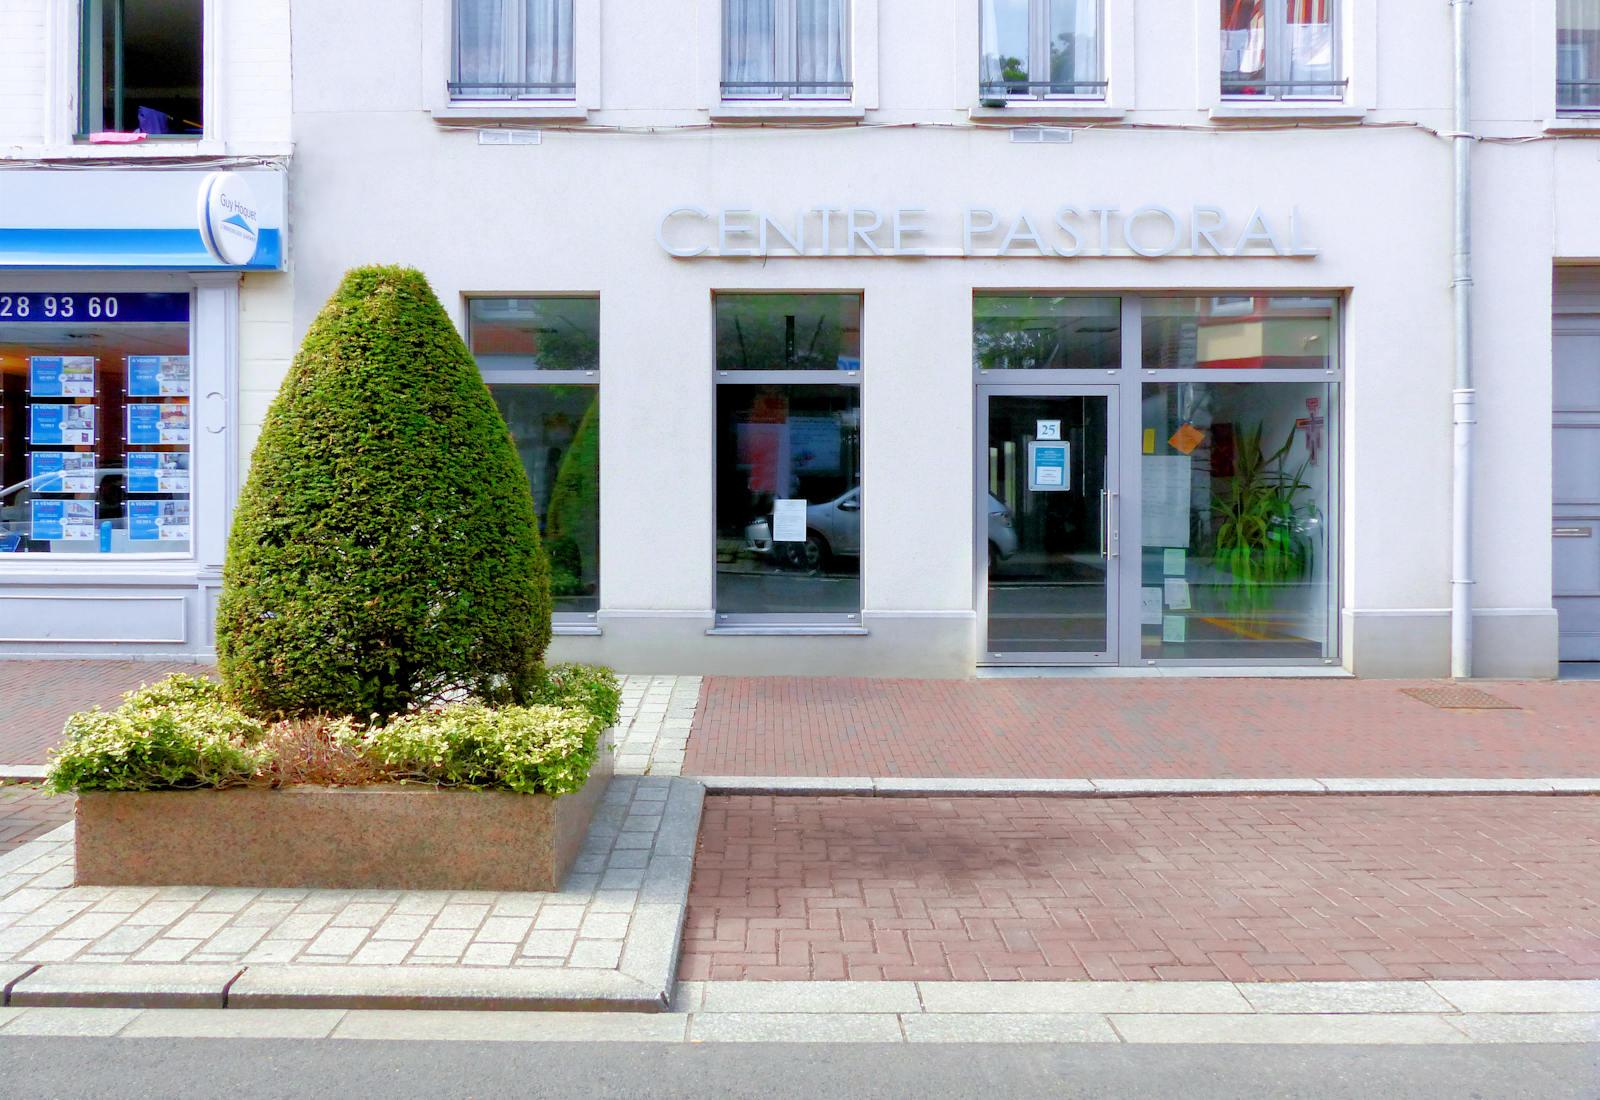 Centre Pastoral Tourcoing, rue de la cloche